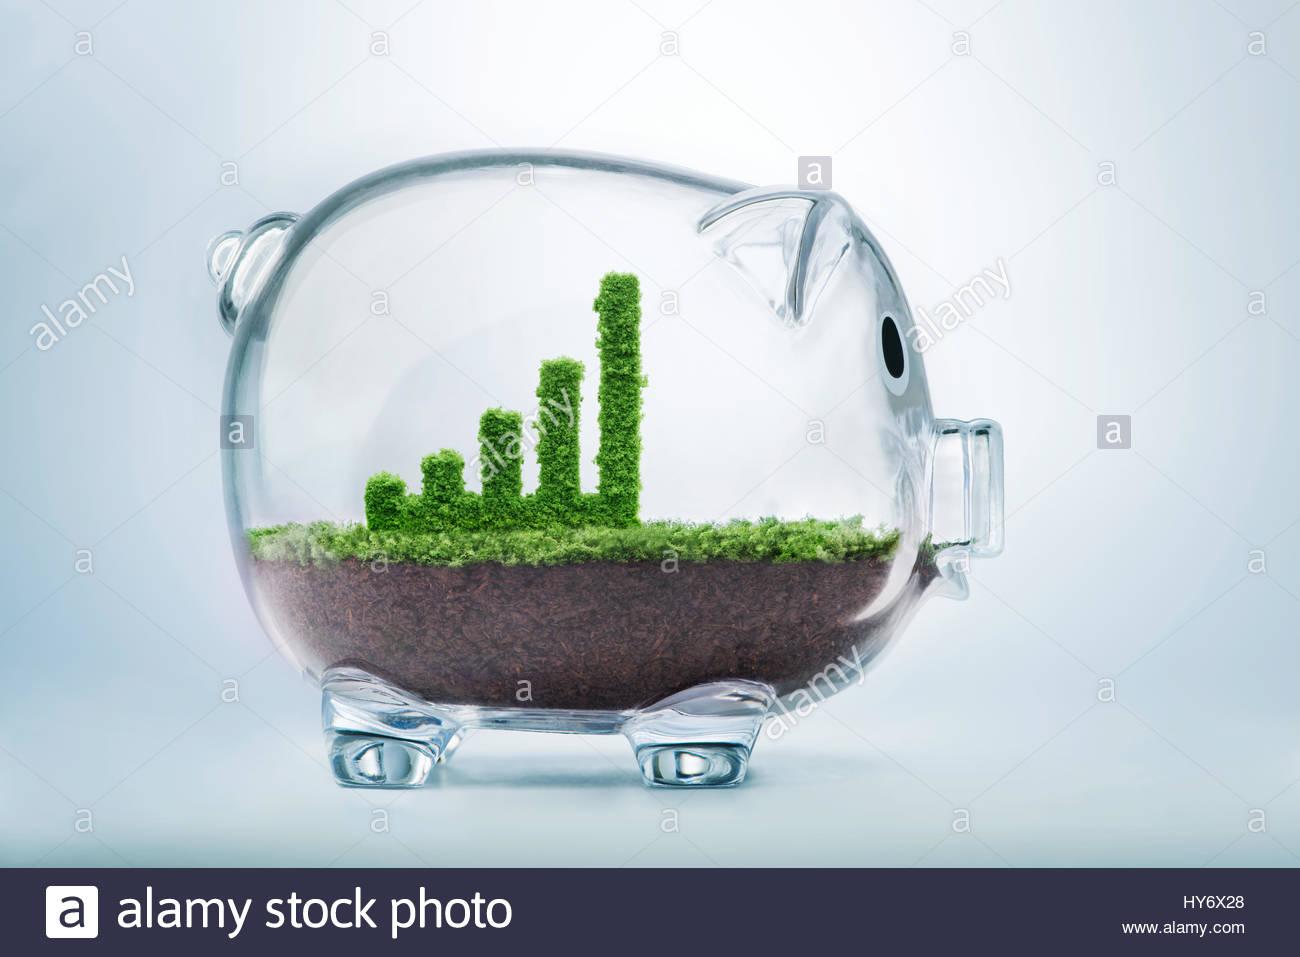 Concepto de crecimiento empresarial con césped que crece en forma de gráfico de barras en el interior Imagen De Stock